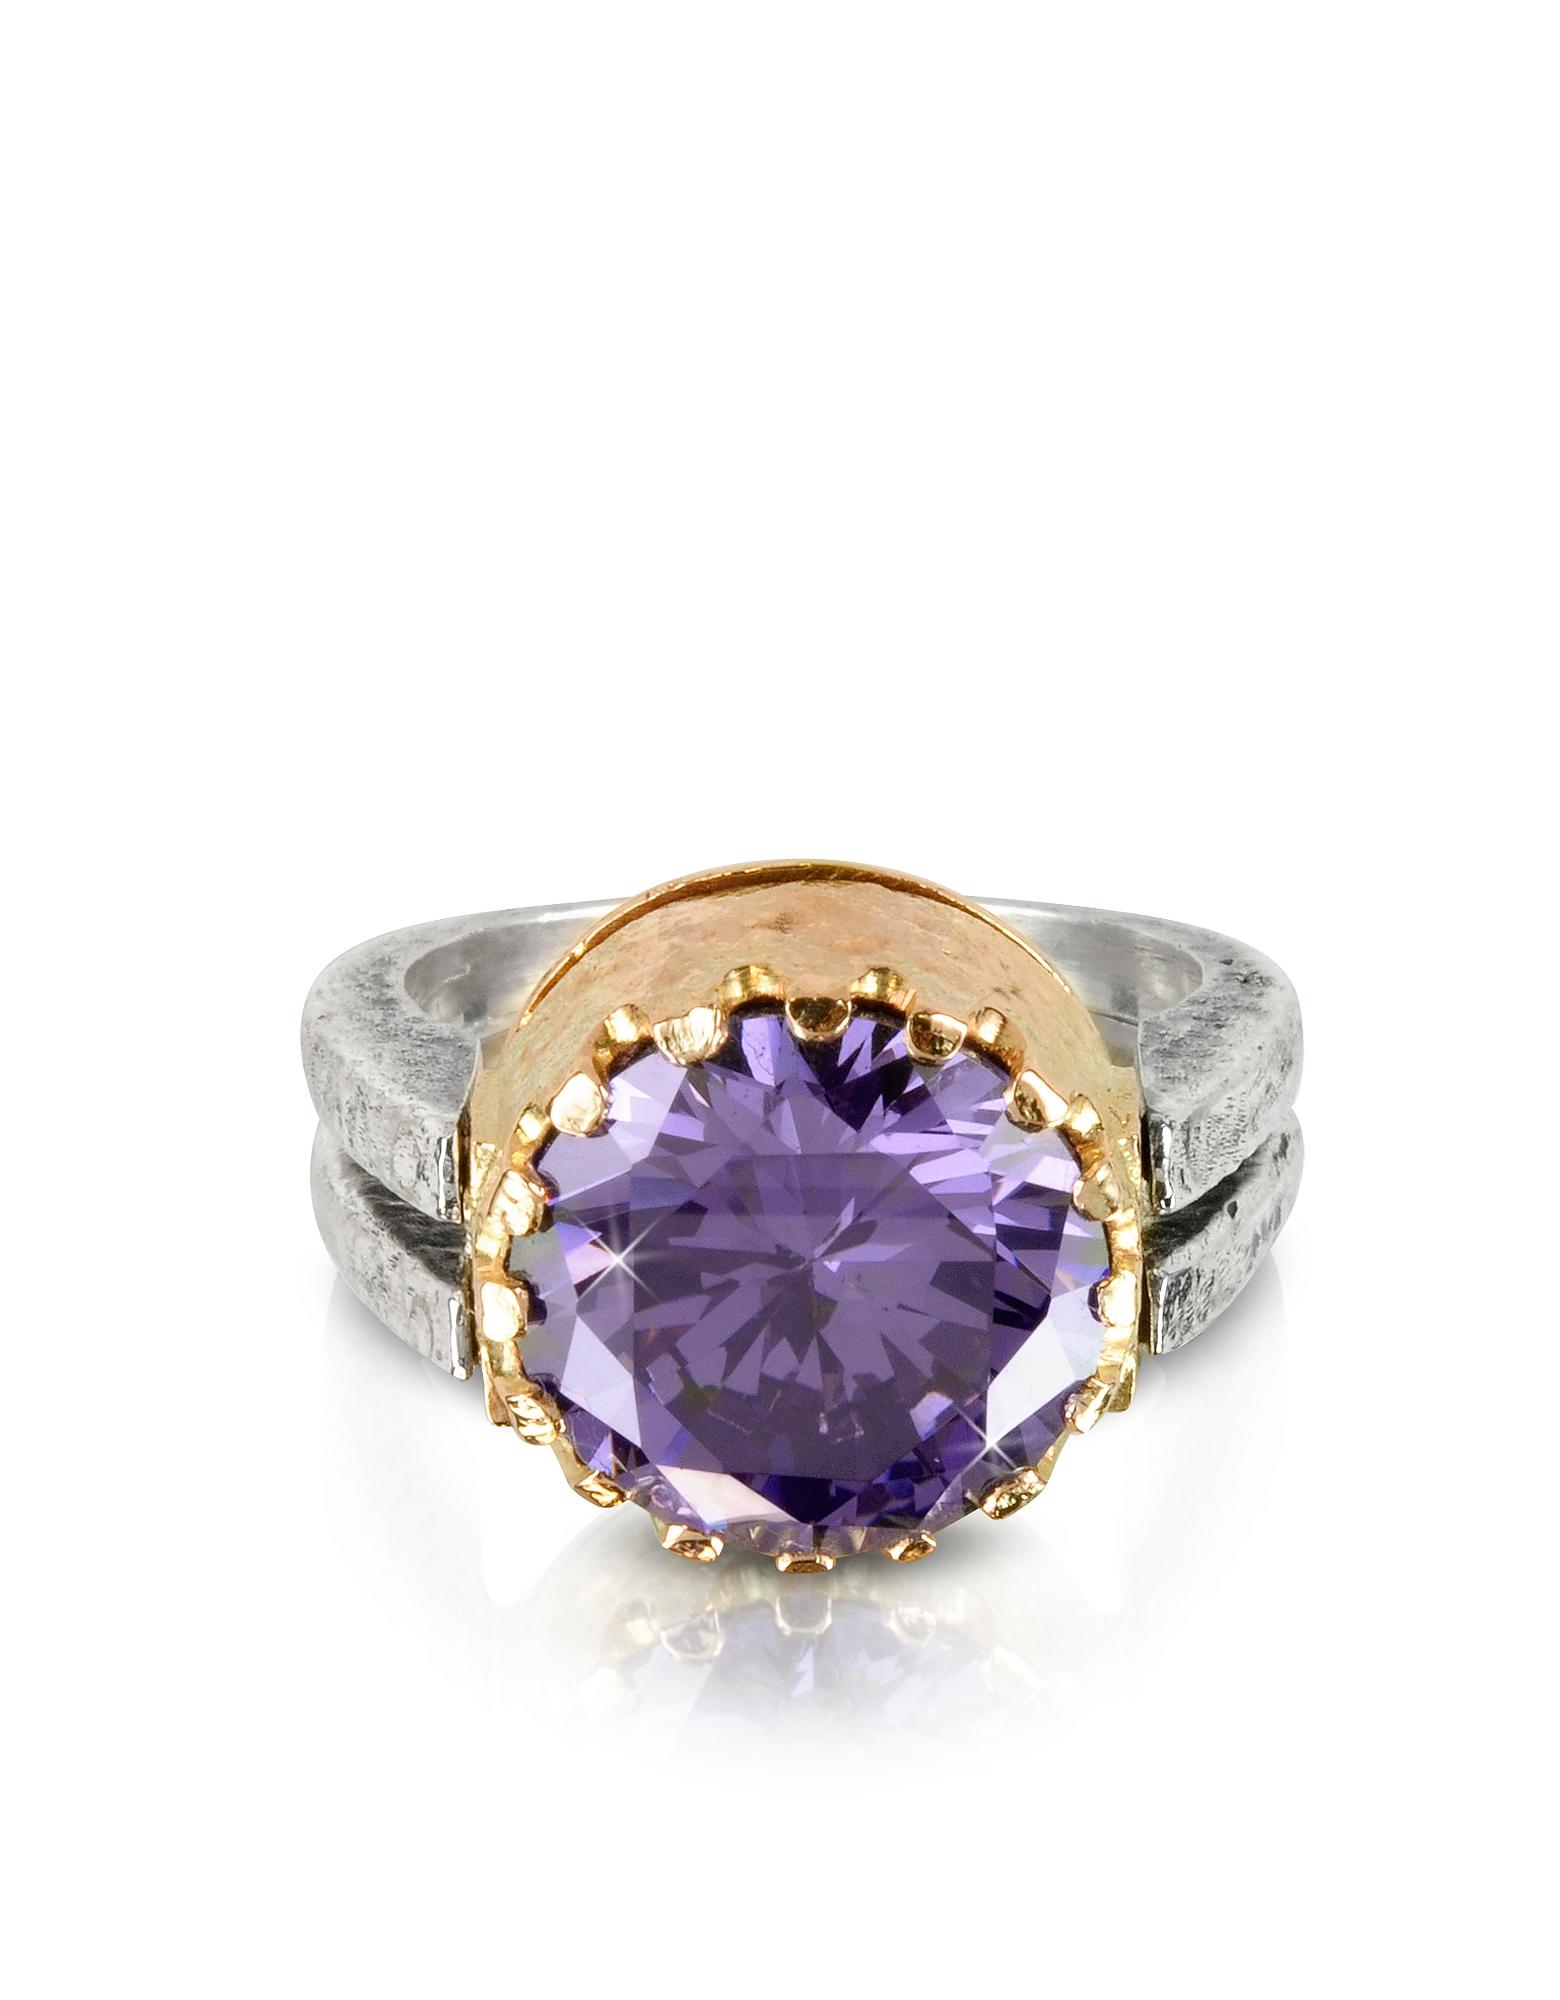 Tryo Кольцо из Серебра 925 пробы и Розового Золота с Кубиком Циркония Оттенка Фиолетового Аметиста